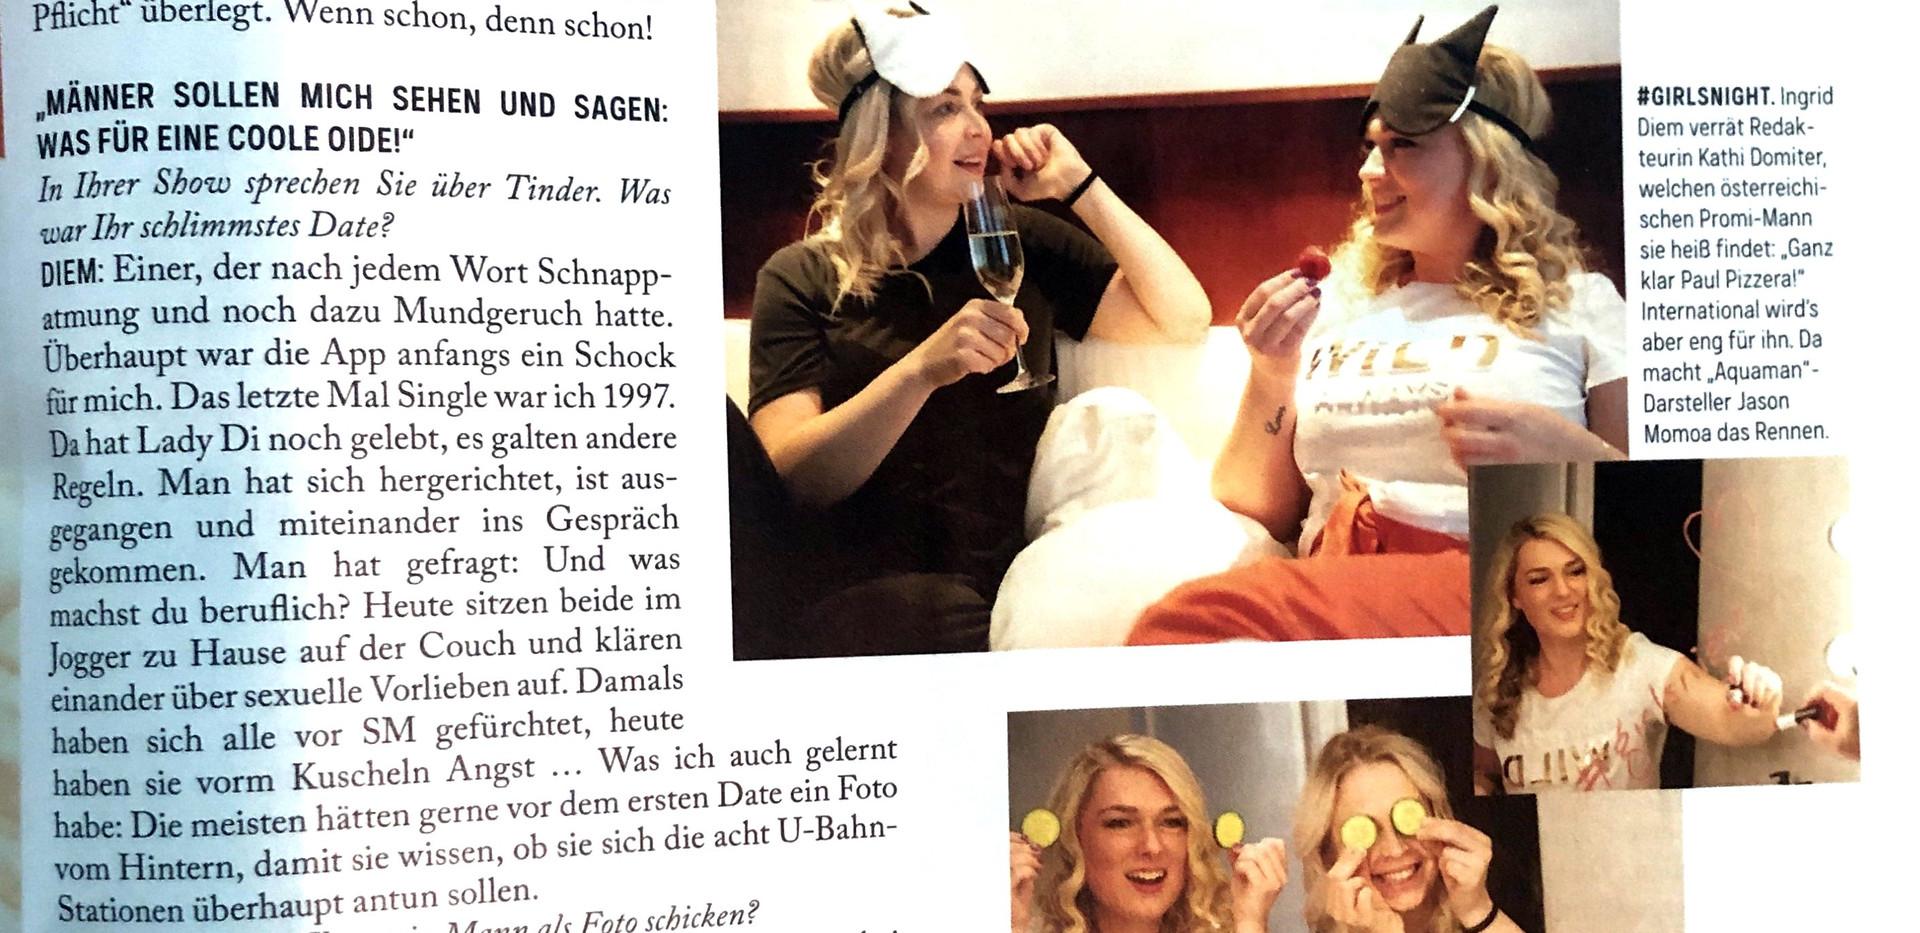 Ingrid Diem Kurier Schlagabtausch